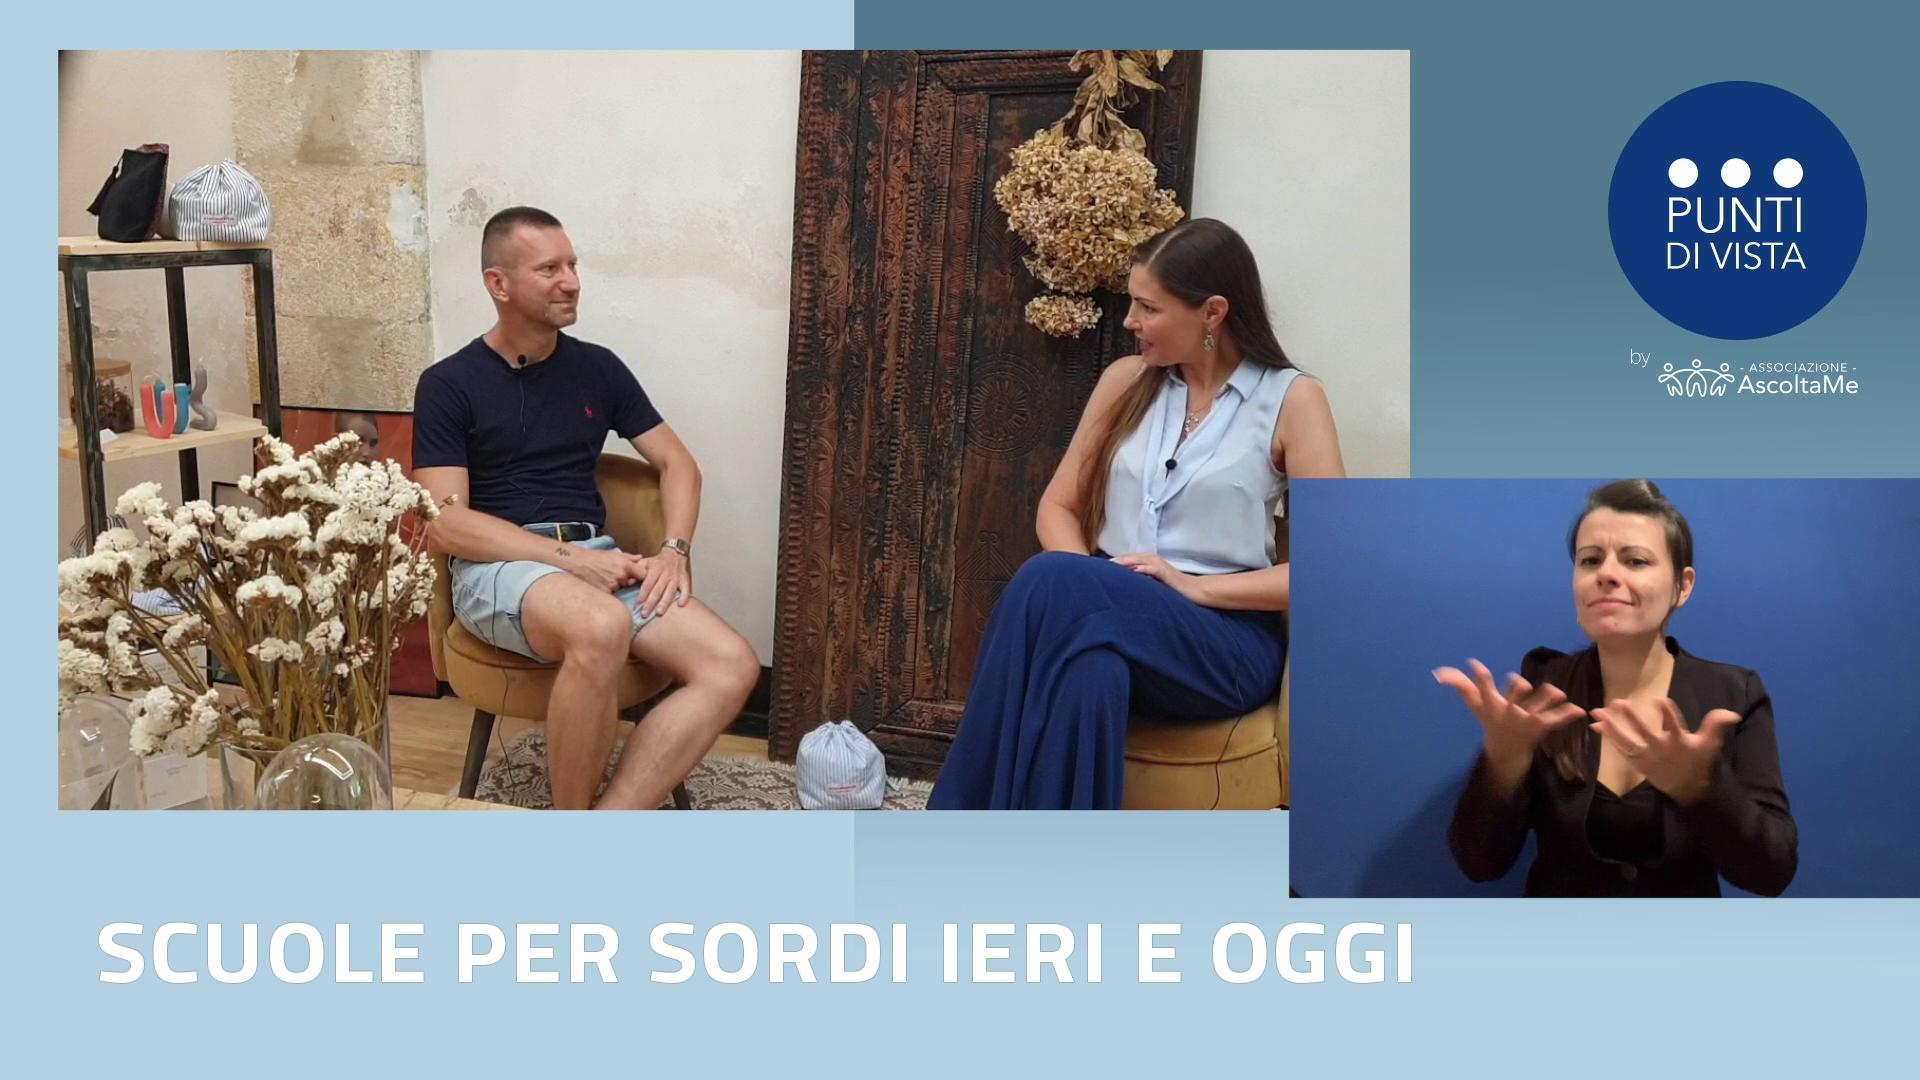 Intervista Enrico Dolza - direttore delll'Istituto Sordi